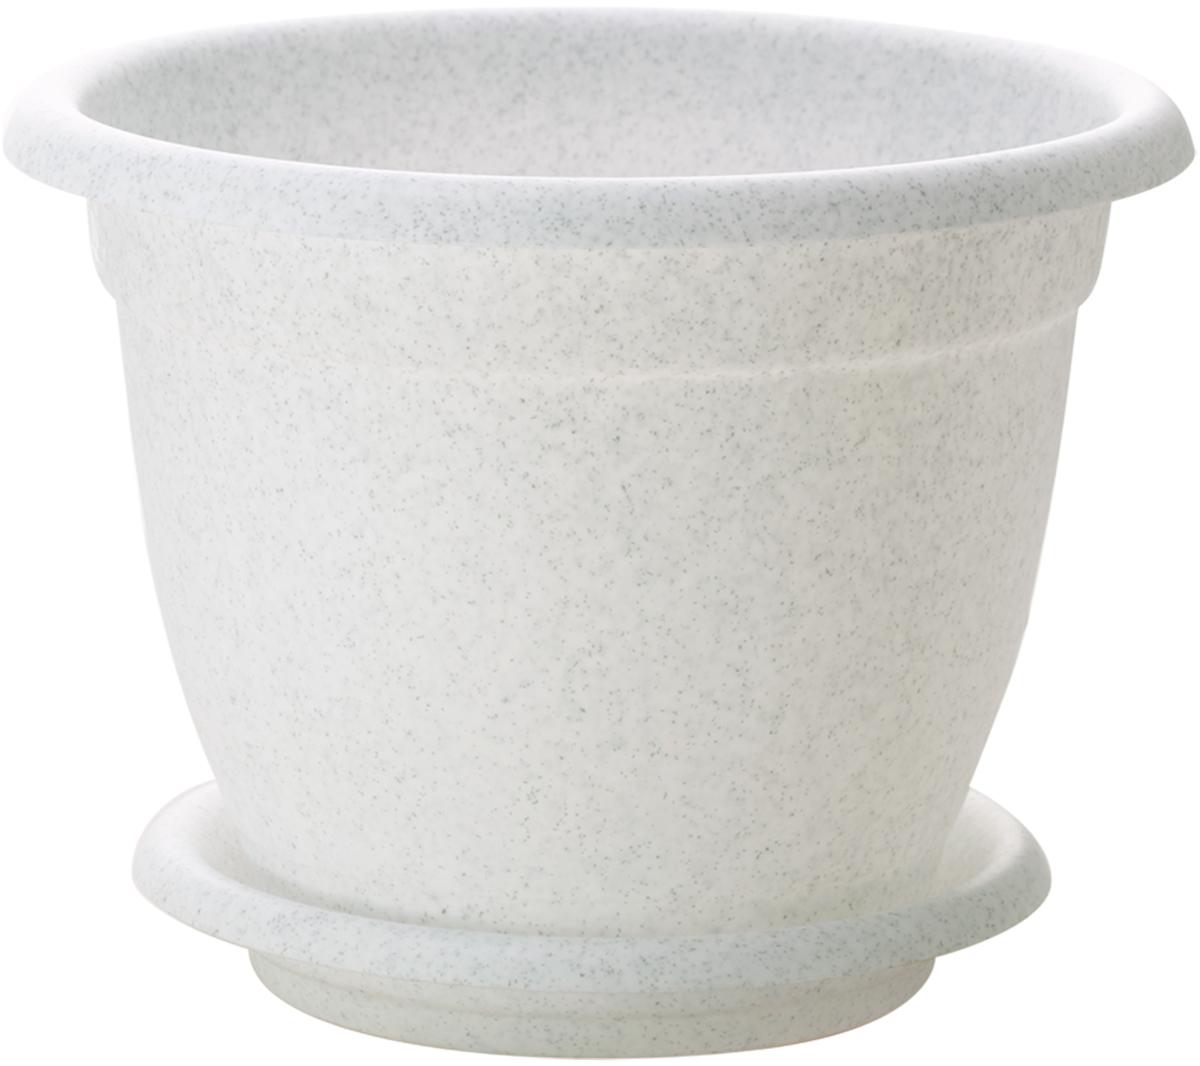 Горшок для цветов InGreen Борнео, с поддоном, цвет: мраморный, диаметр 19 смZ-0307Горшок InGreen Борнео выполнен из высококачественного полипропилена (пластика) и предназначен для выращивания цветов, растений и трав. Снабжен поддоном для стока воды.Такой горшок порадует вас функциональностью, а благодаря лаконичному дизайну впишется в любой интерьер помещения.Диаметр горшка (по верхнему краю): 19 см. Высота горшка: 15,5 см. Диаметр поддона: 15 см.